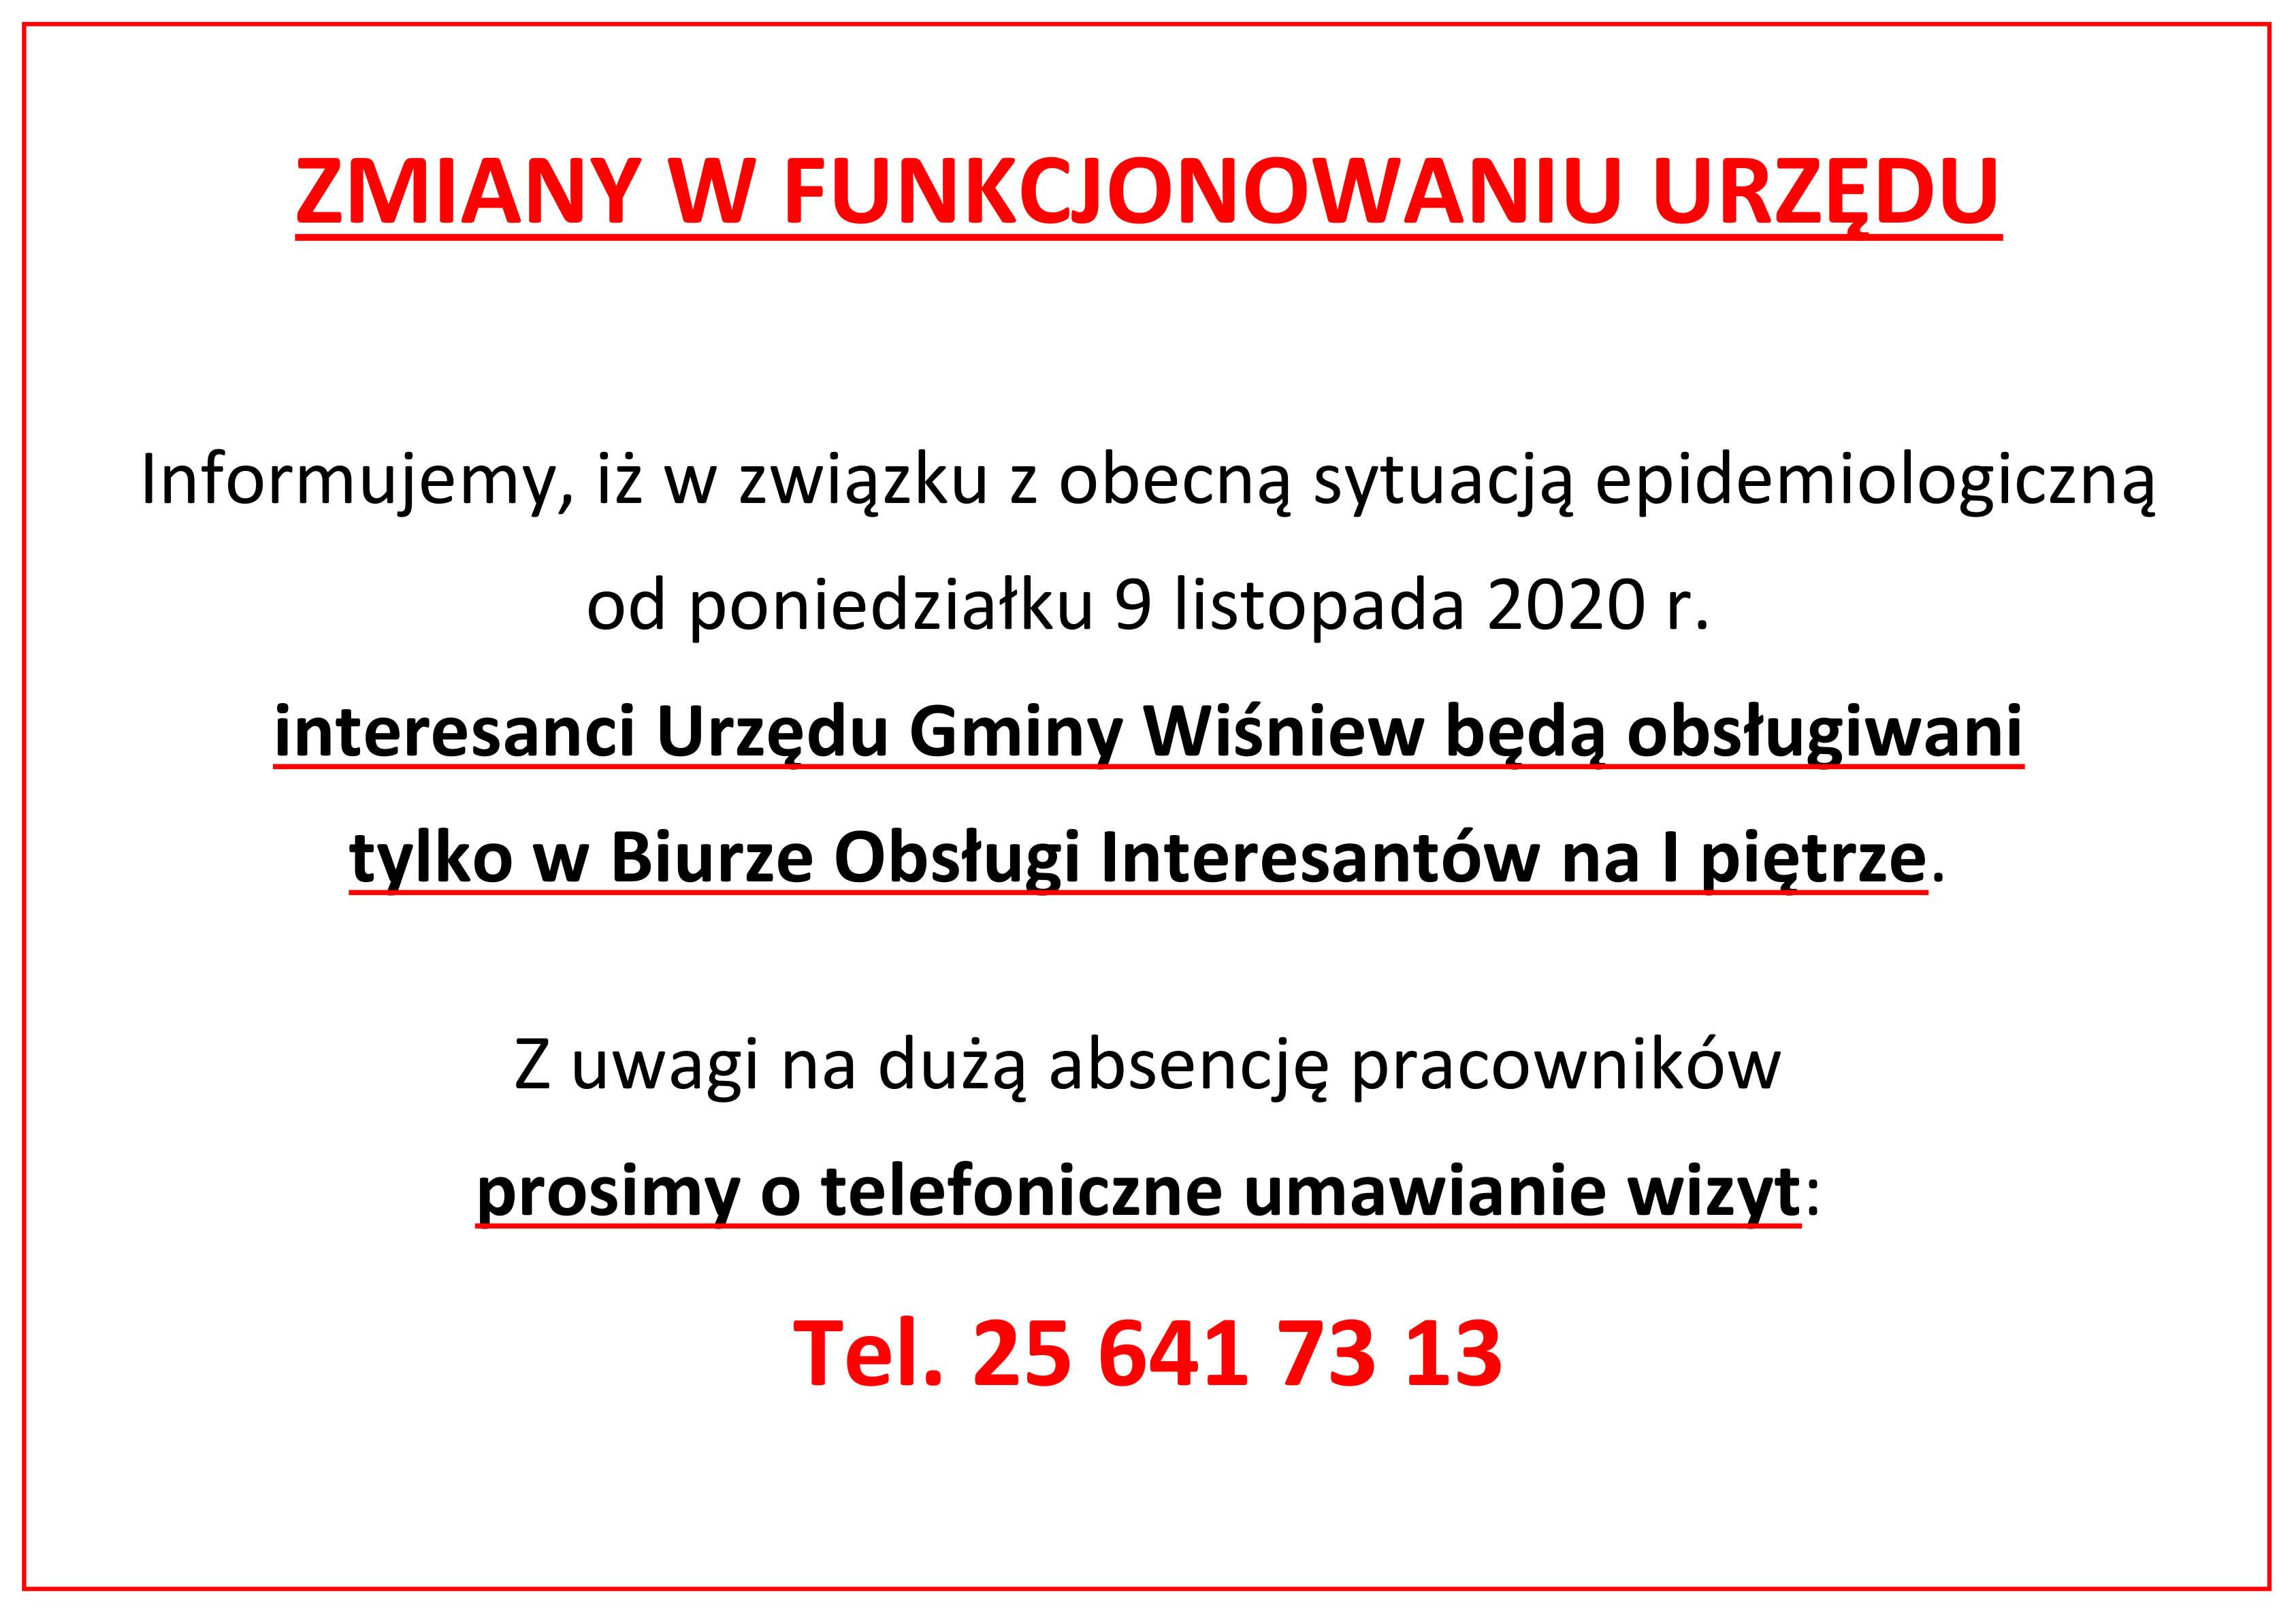 Ogłoszenie, treść ogłoszenia: ZMIANY W FUNKCJONOWANIU URZĘDU   Informujemy, iż w związku z  obecną sytuacją epidemiologiczną od poniedziałku 9 listopada 2020 r.  interesanci Urzędu Gminy Wiśniew będą obsługiwani  tylko w Biurze Obsługi Interesantów na I piętrze.  Z uwagi na dużą absencję pracowników  prosimy o telefoniczne umawianie wizyt: Tel. 25 641 73 13